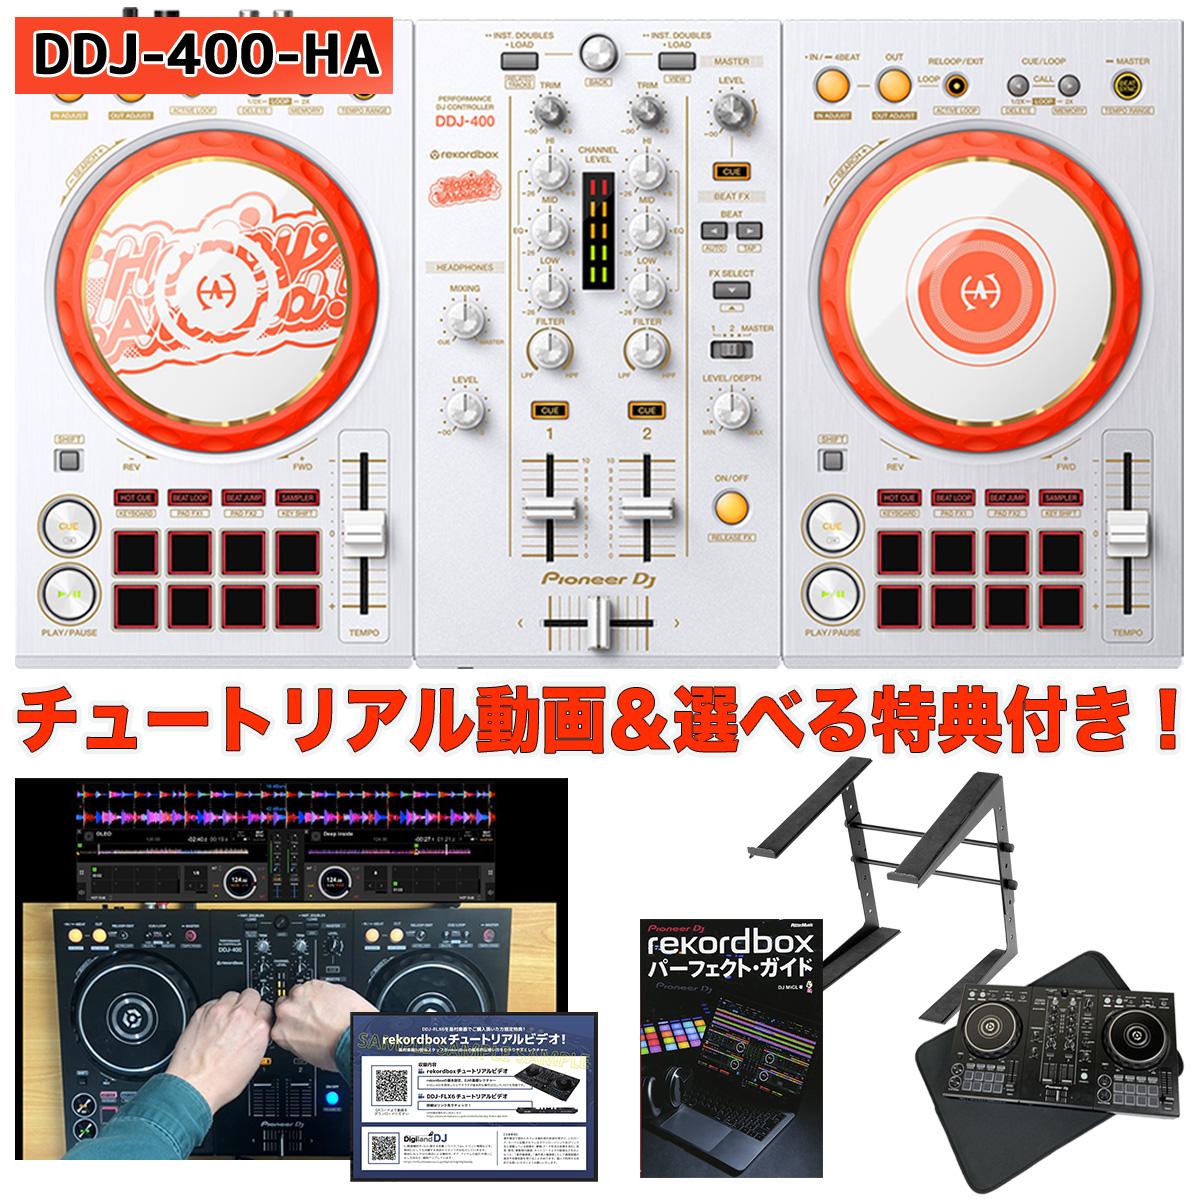 Pioneer DJ D4DJ First Mix Happy Around! コラボレーションモデル DDJ-400-HA DJコントローラー 【パイオニア】